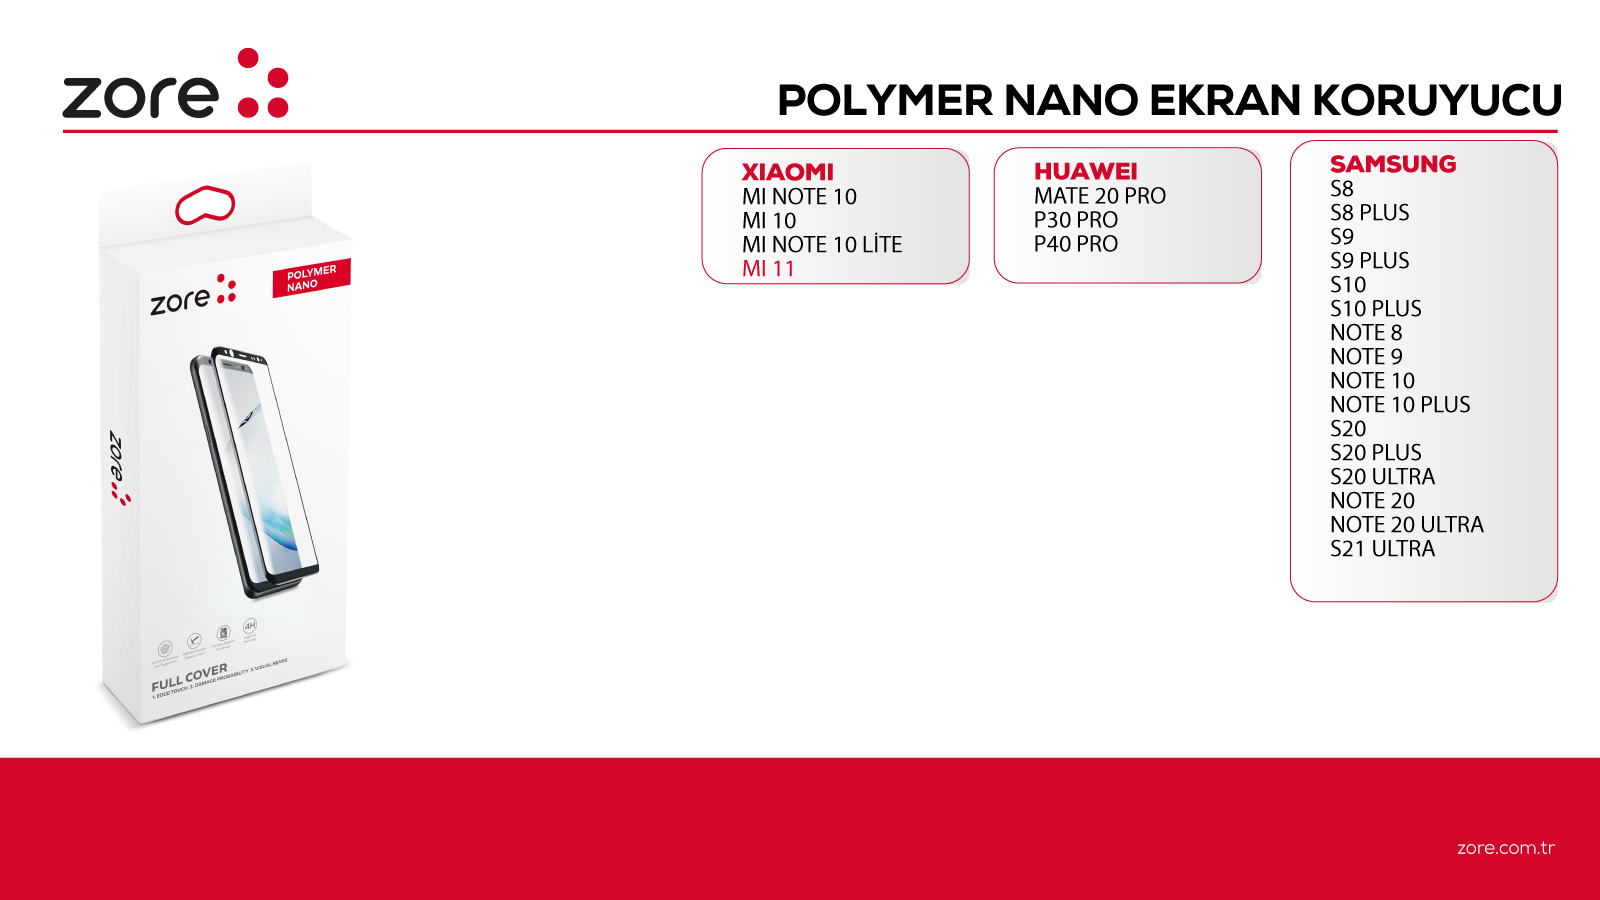 polymer_nano_ekran_koruyucu.jpg (231 KB)